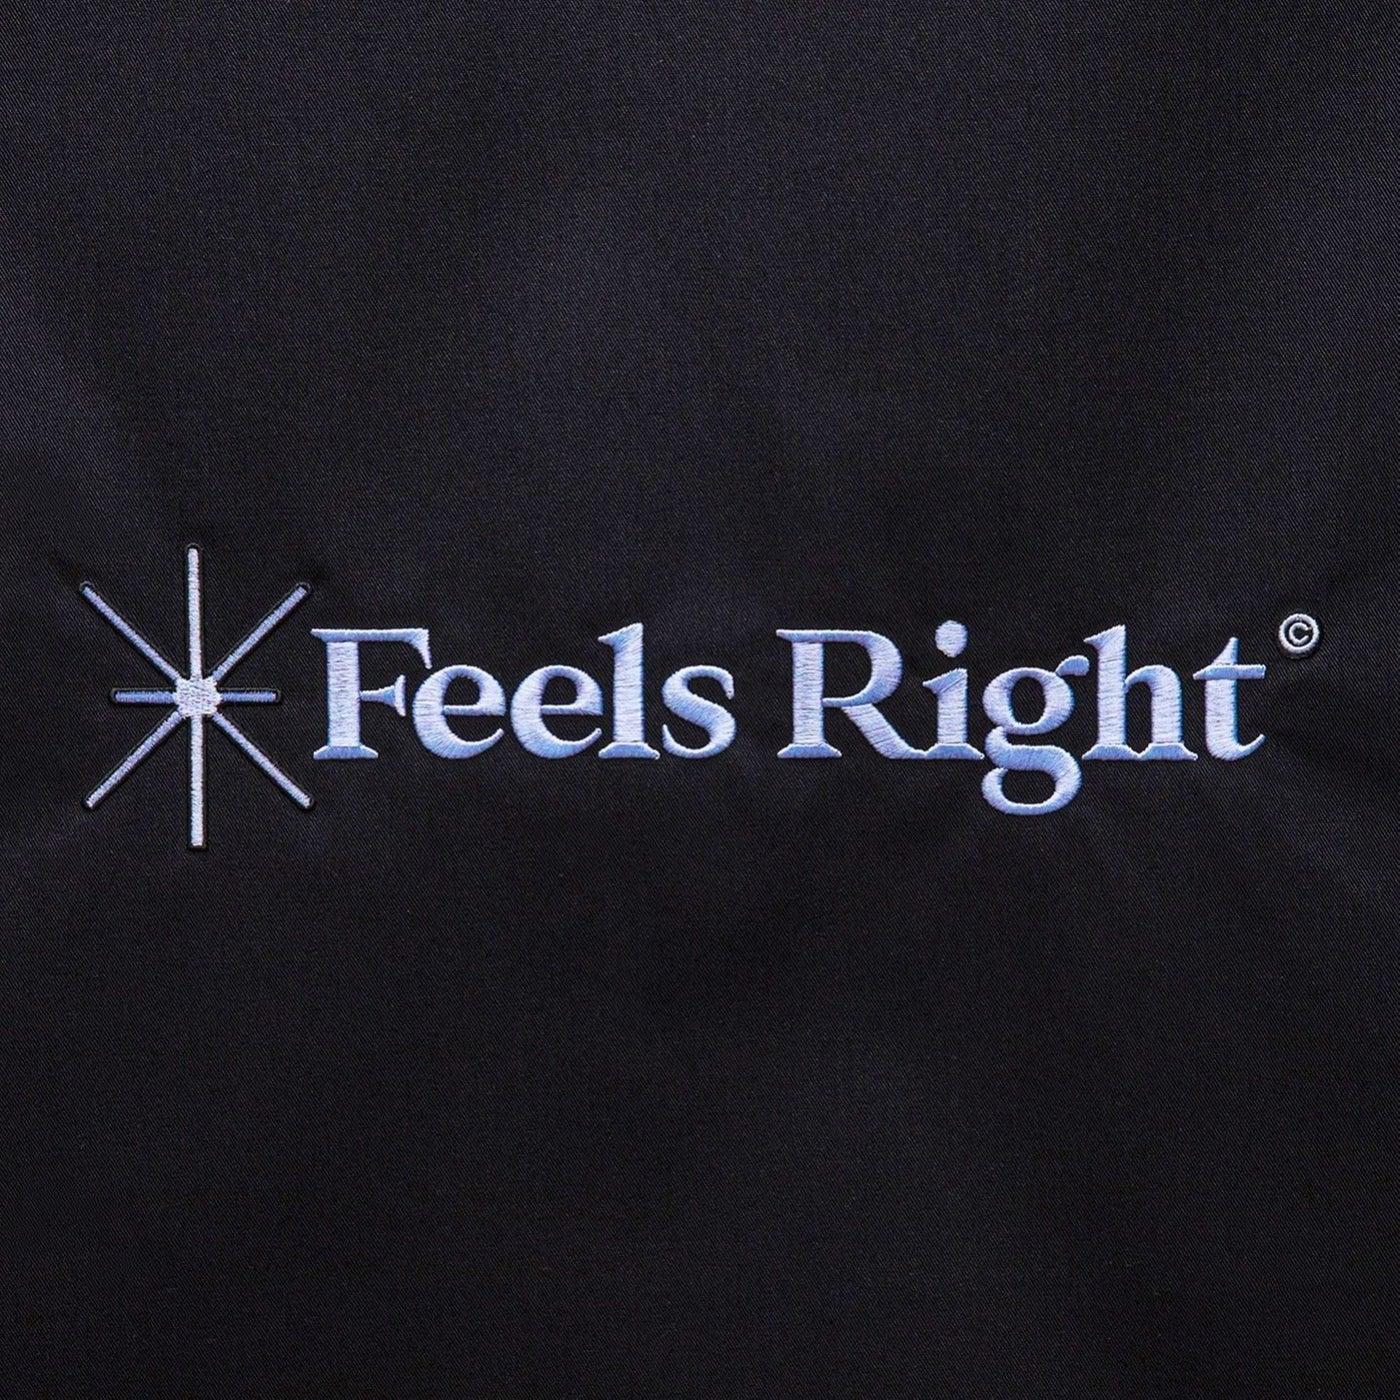 Feels Right (Original Mix)